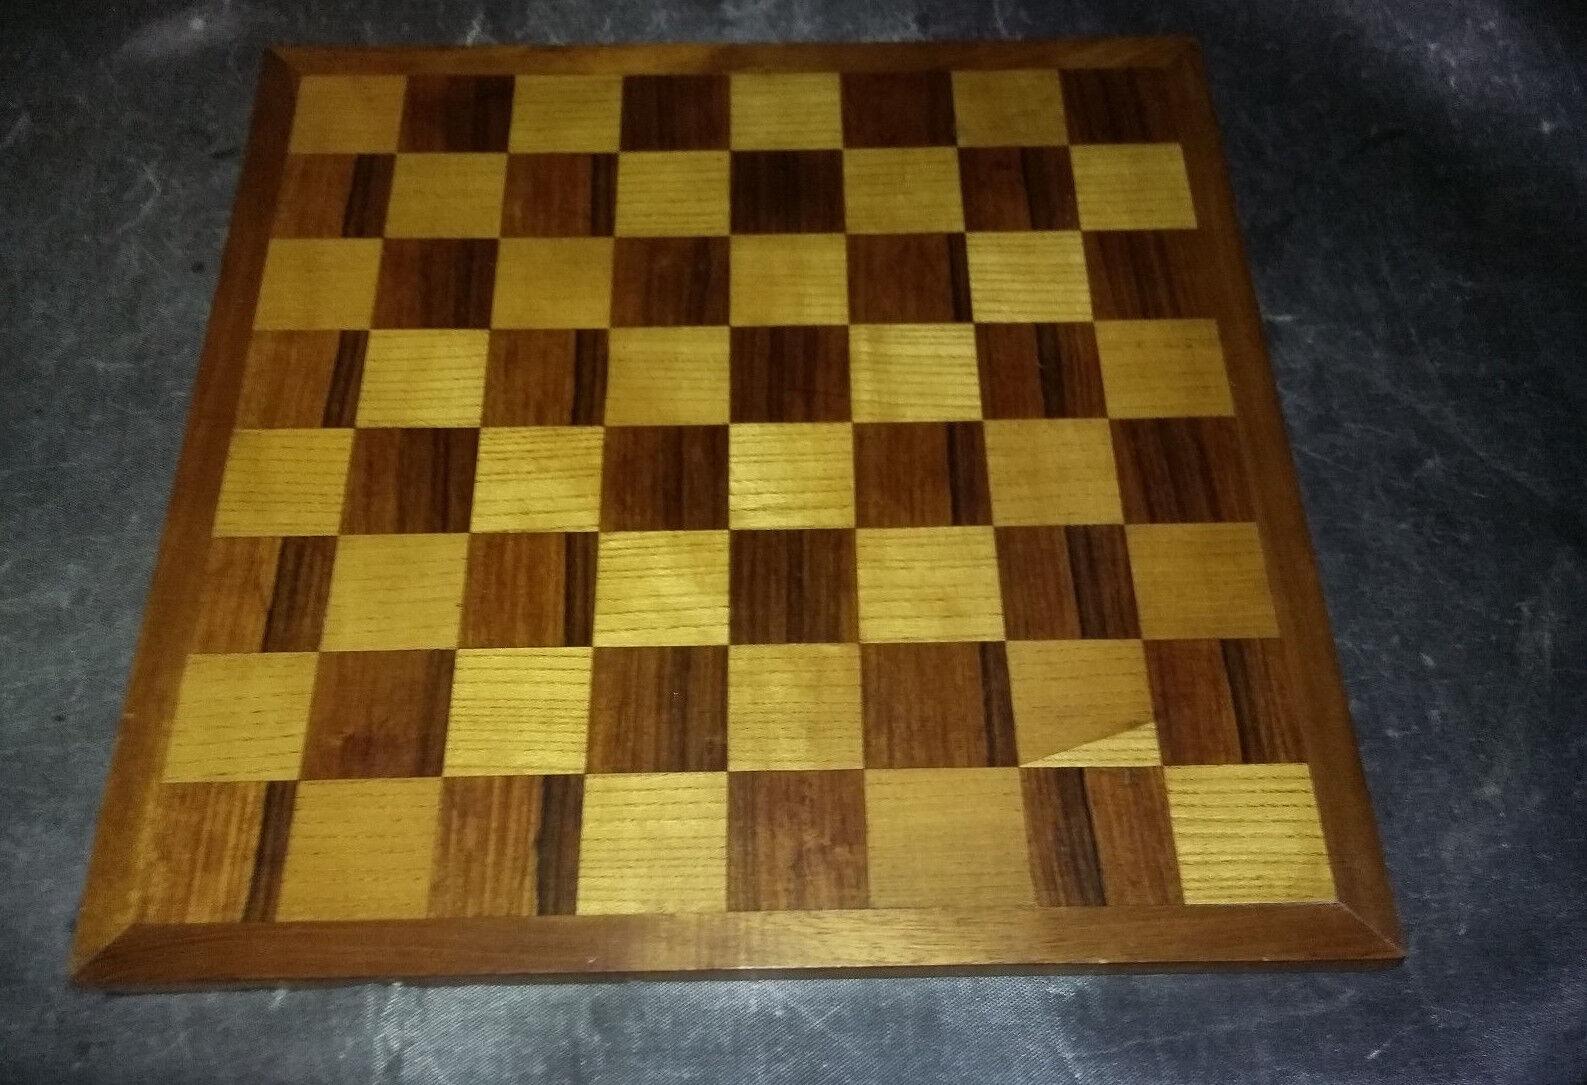 Plateau Plateau Plateau jeu d'échecs artisanal - 43.5 x 43 cm - 5 x 5 cm b43265